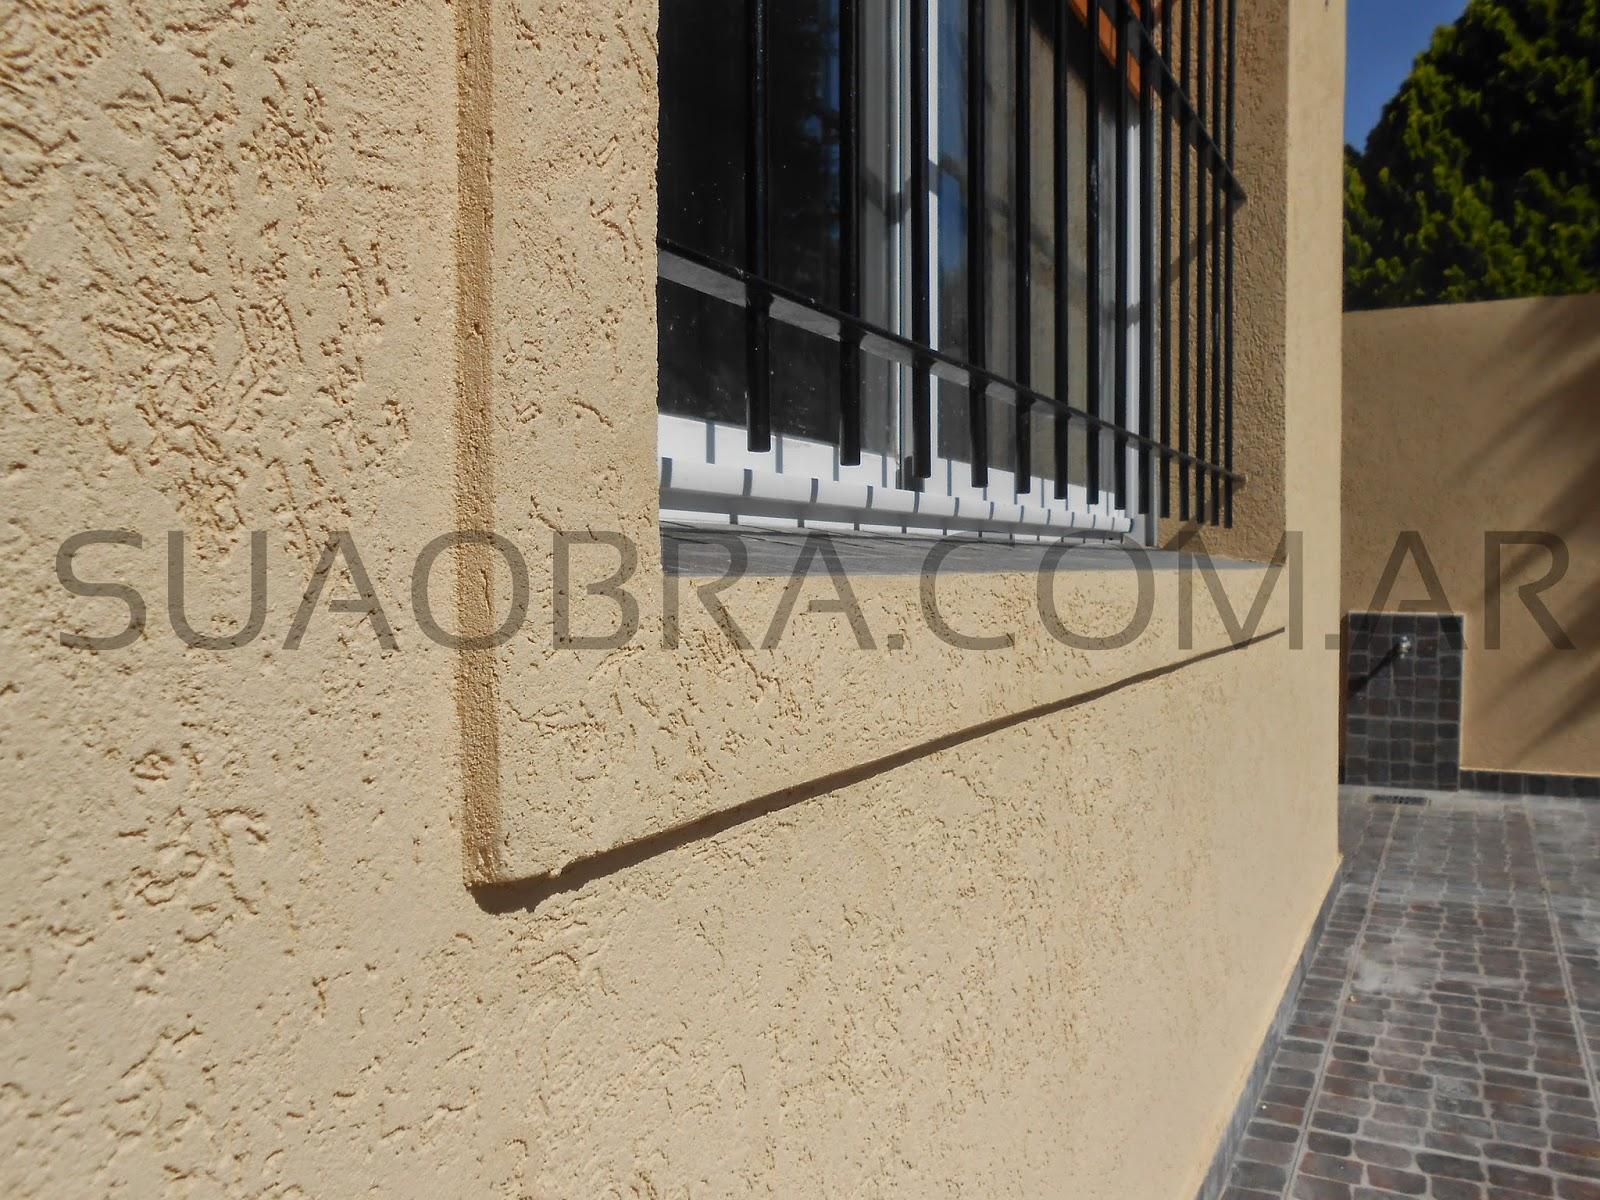 Colocacion Profesional Revestimientos Plasticos Para Paredes 2014 - Revestir-pared-exterior